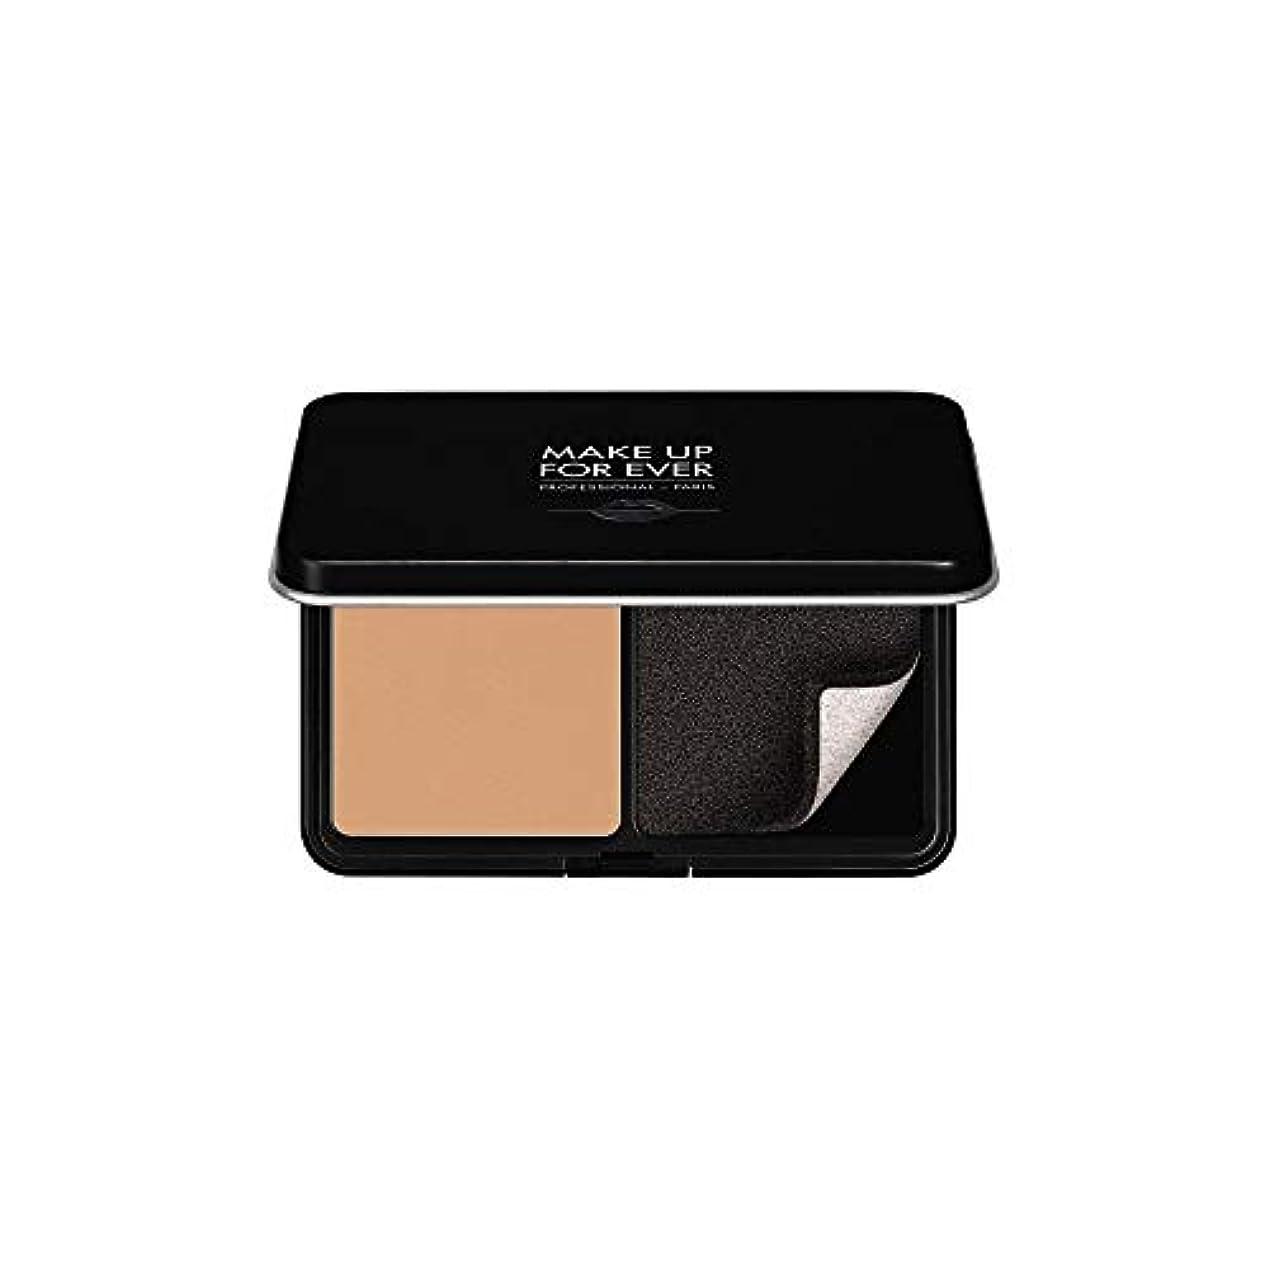 繕うアプライアンス基本的なメイクアップフォーエバー Matte Velvet Skin Blurring Powder Foundation - # Y345 (Natural Beige) 11g/0.38oz並行輸入品